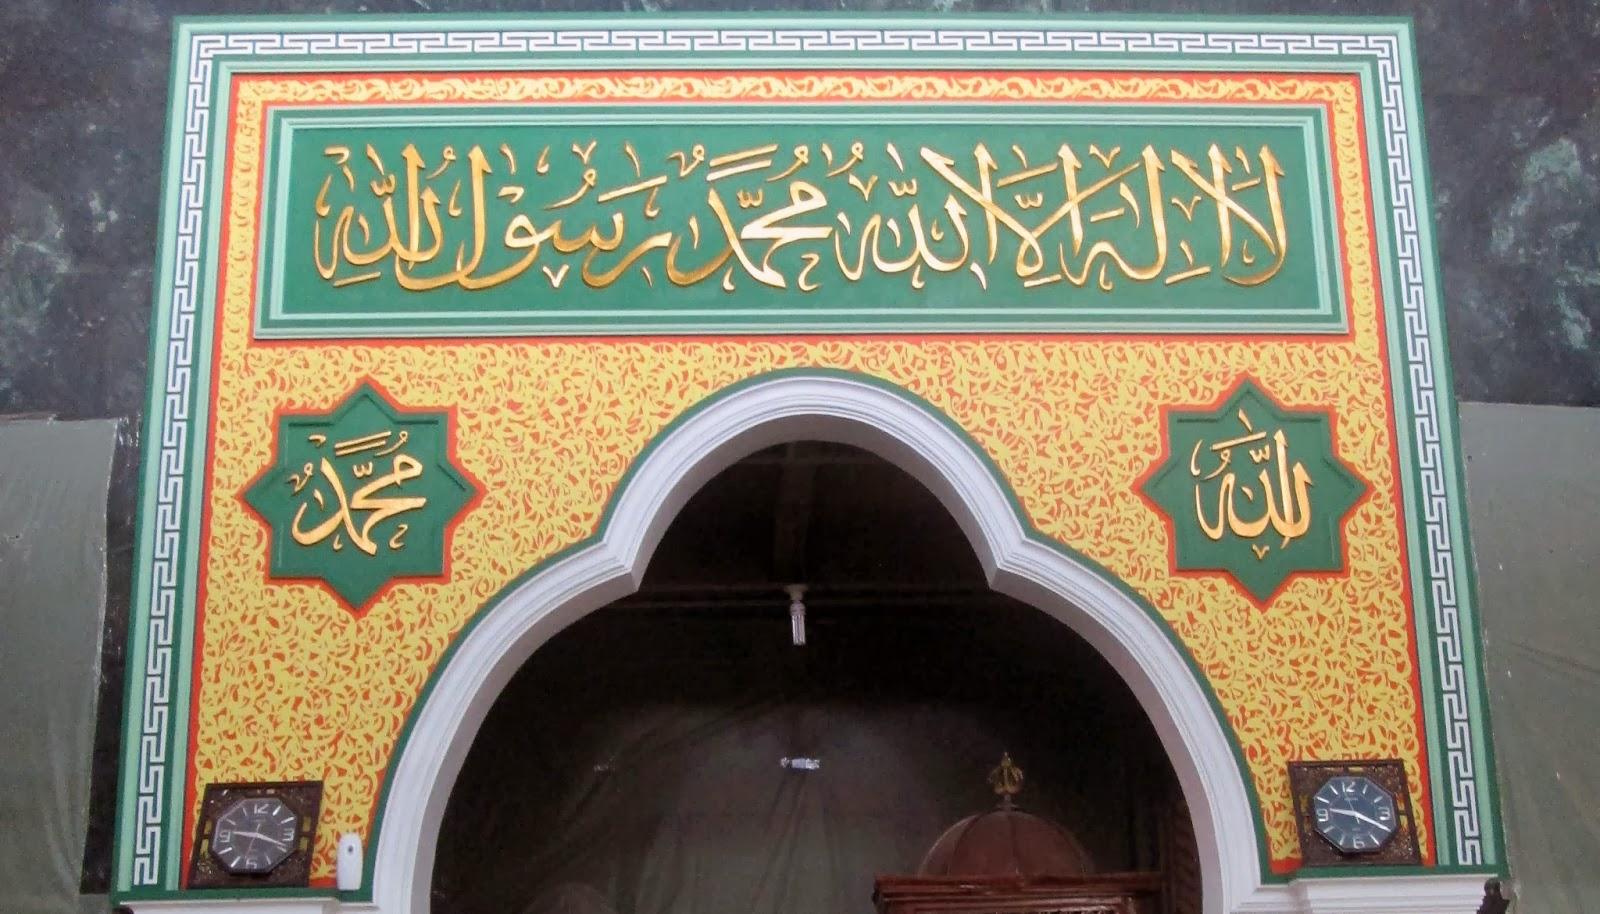 Mural kaligrafi arab di masjid